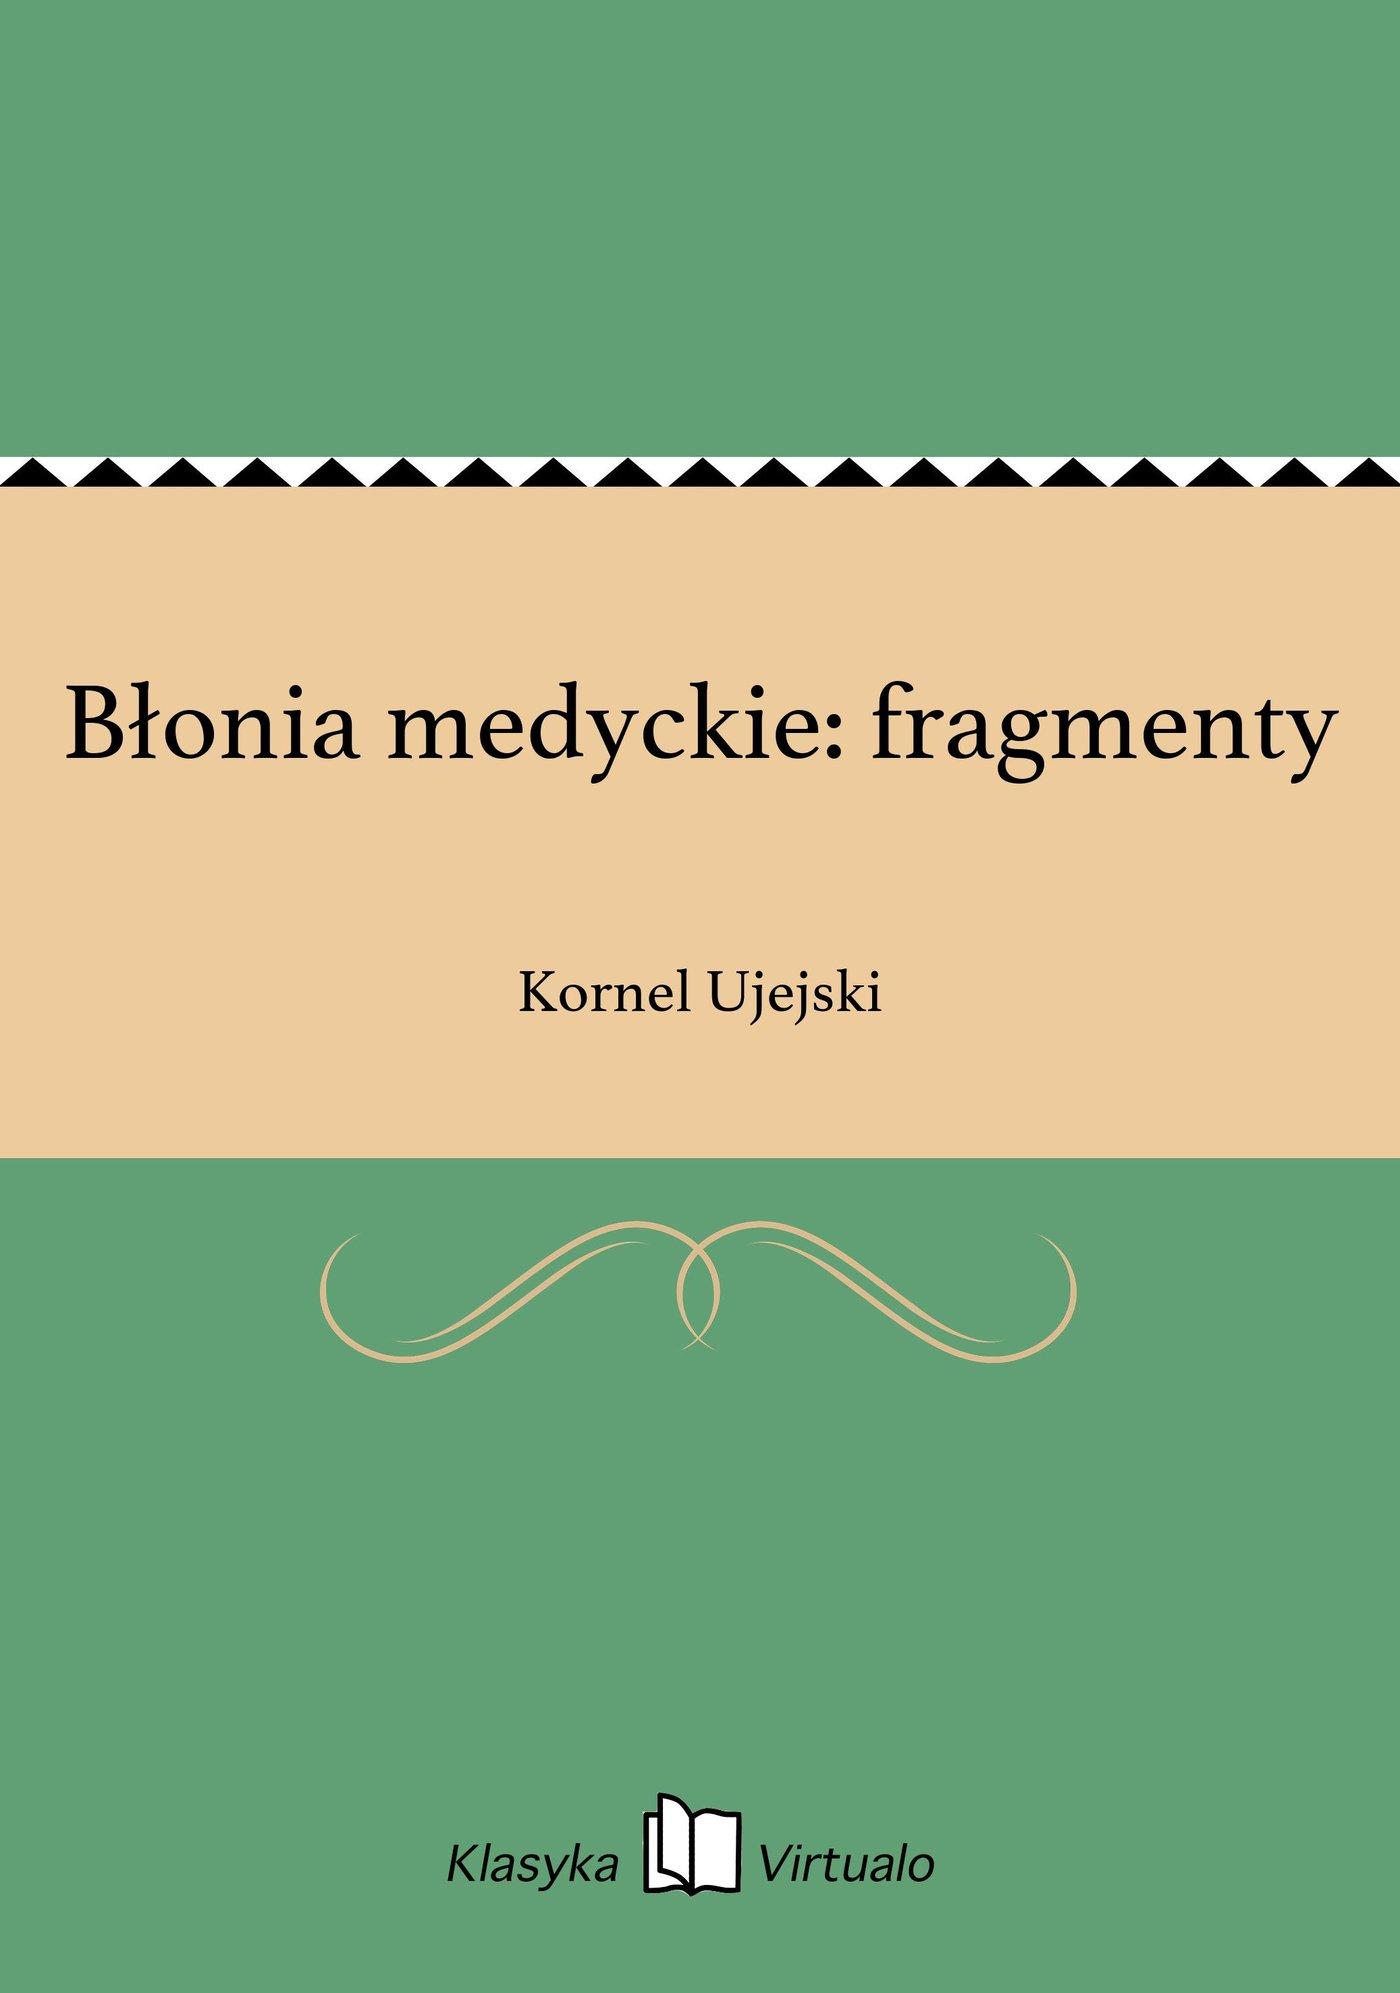 Błonia medyckie: fragmenty - Ebook (Książka EPUB) do pobrania w formacie EPUB